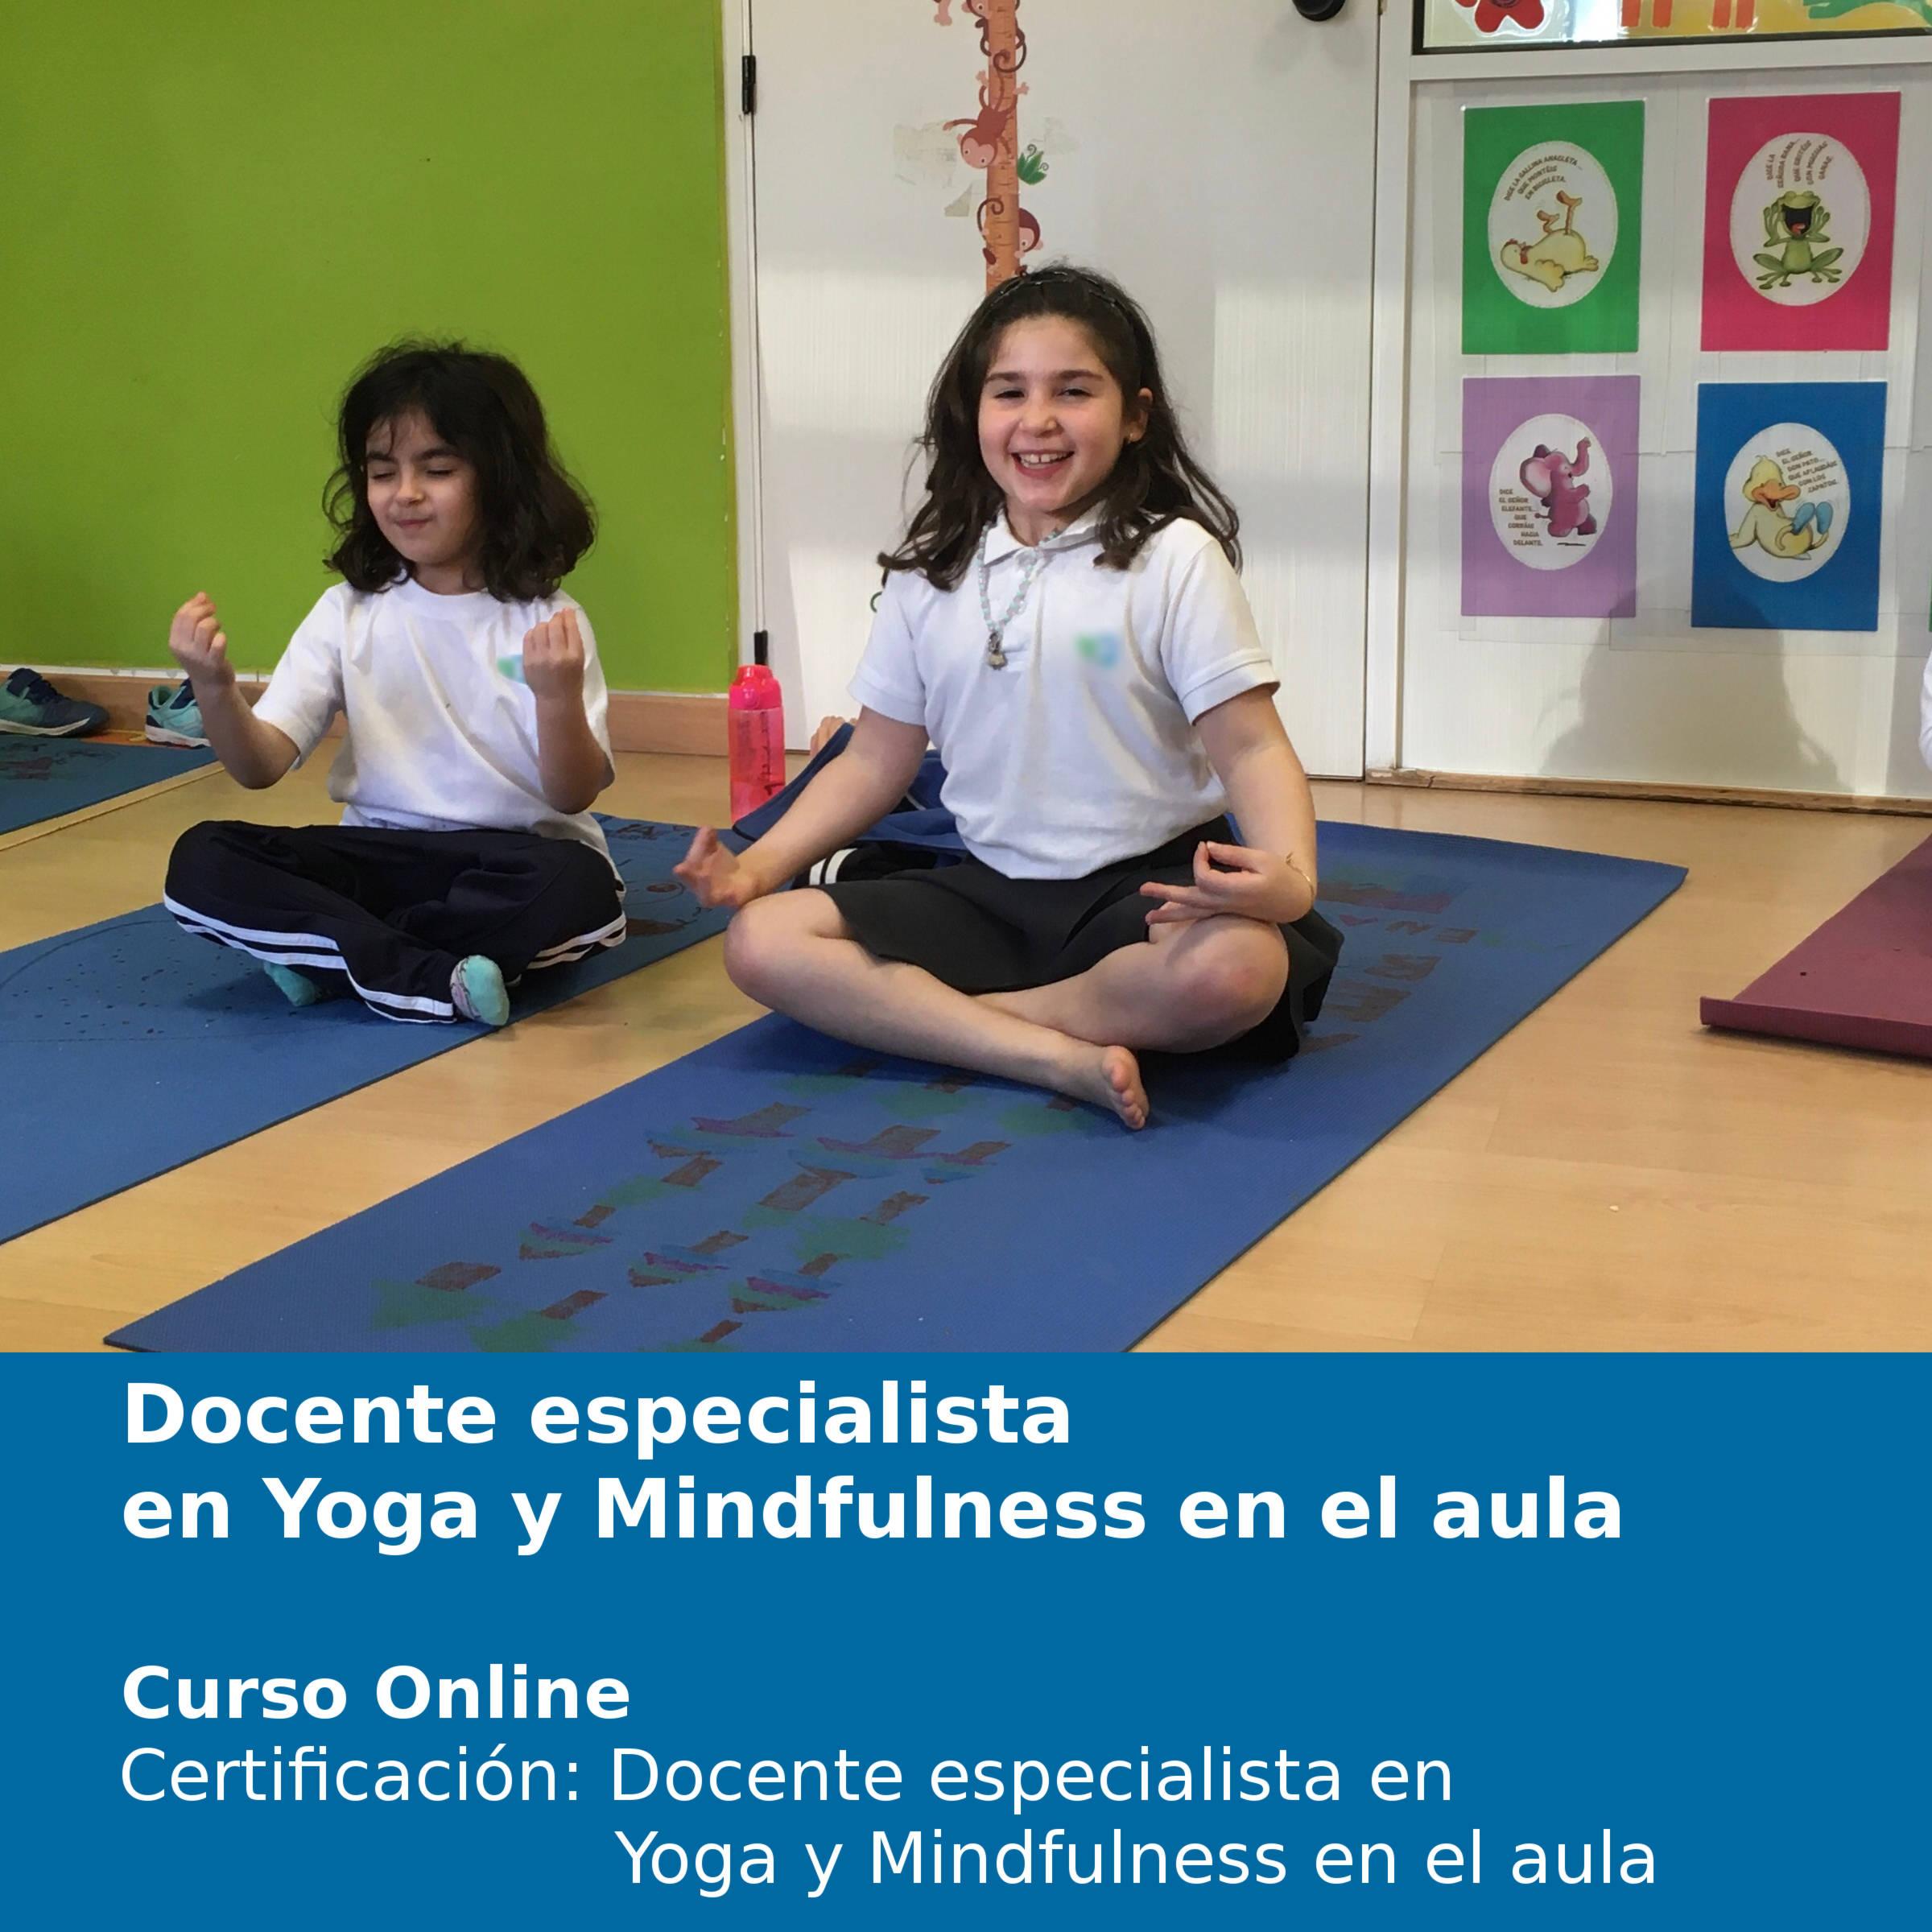 Docente especialista en Mindfulness y yoga en el aula